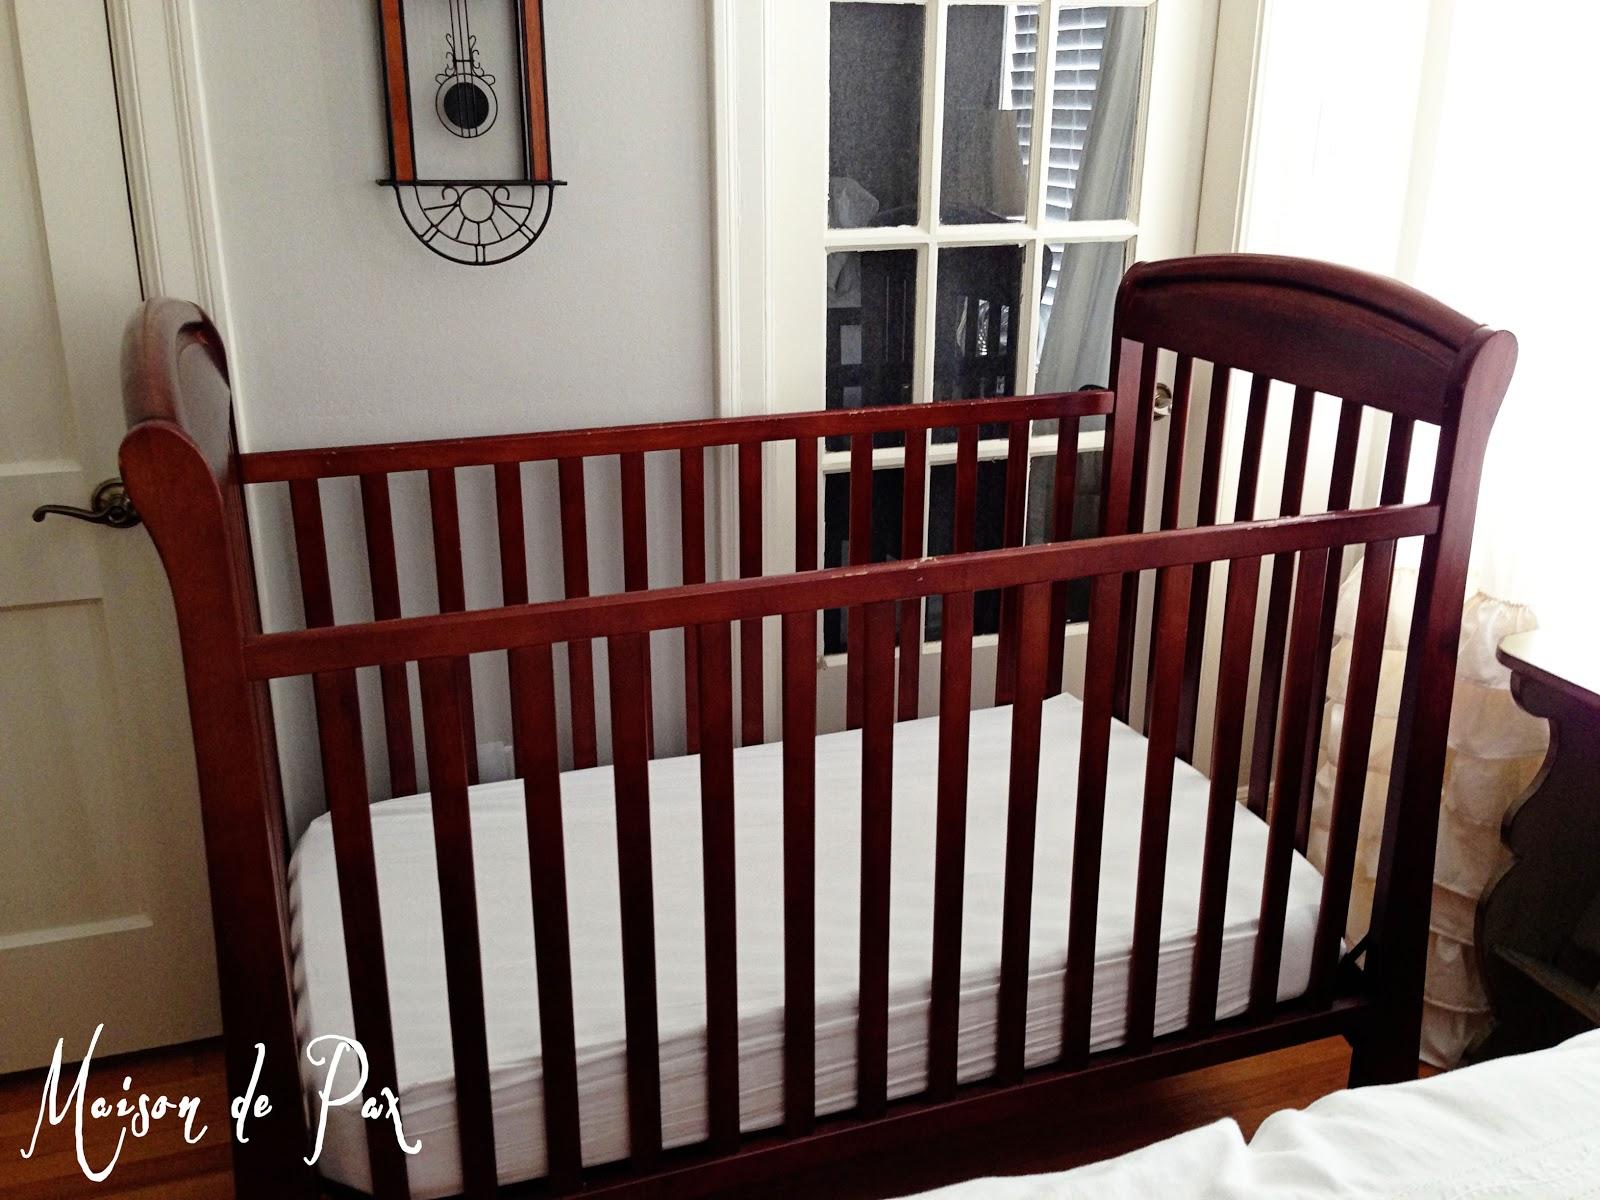 A Free Spindle Crib Maison De Pax